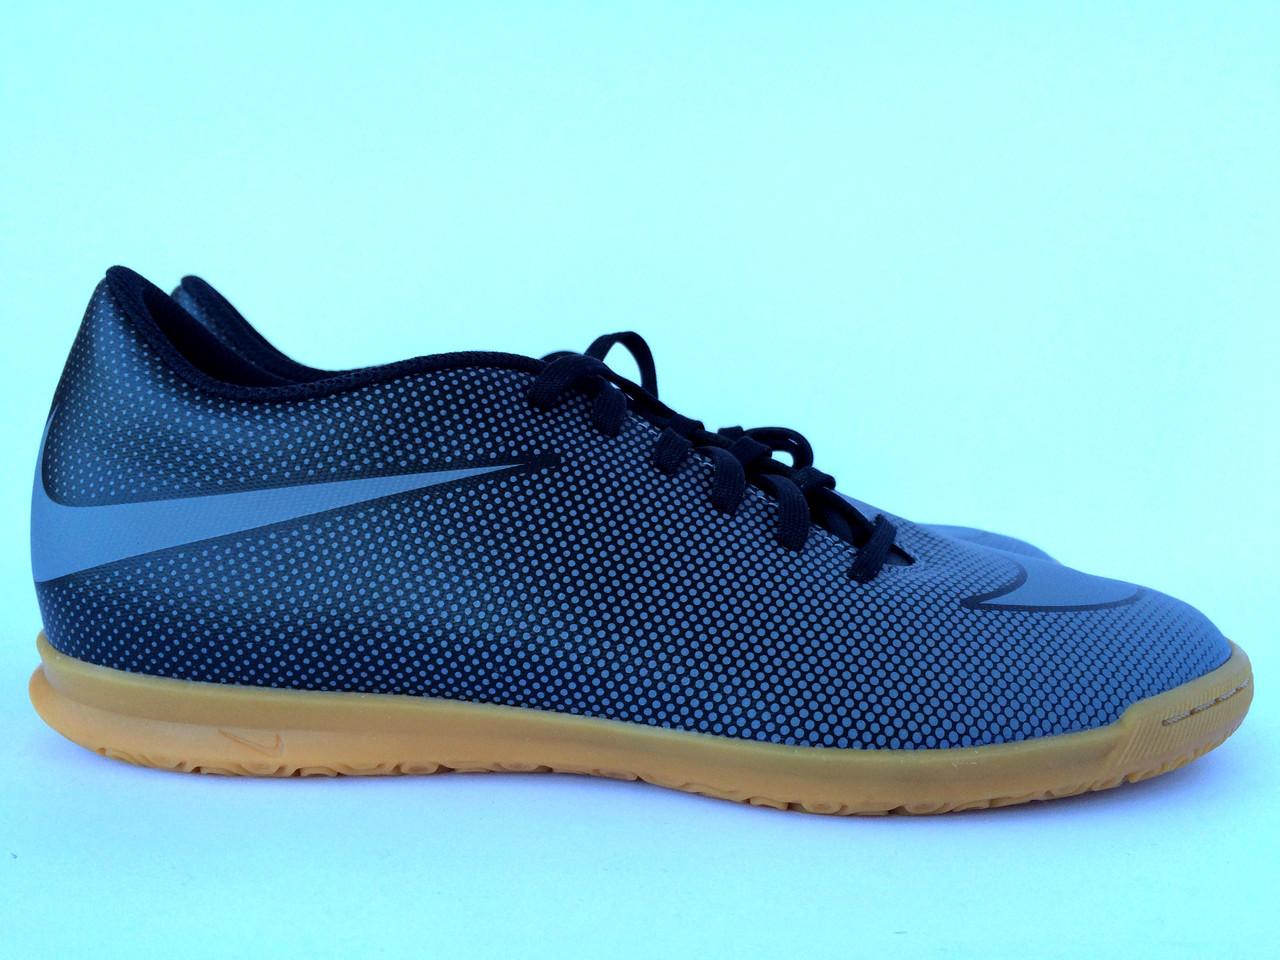 Мужские бампы Nike Mercurial Victory р-44 - HomeStock в Ивано-Франковске 98b2459f5ac